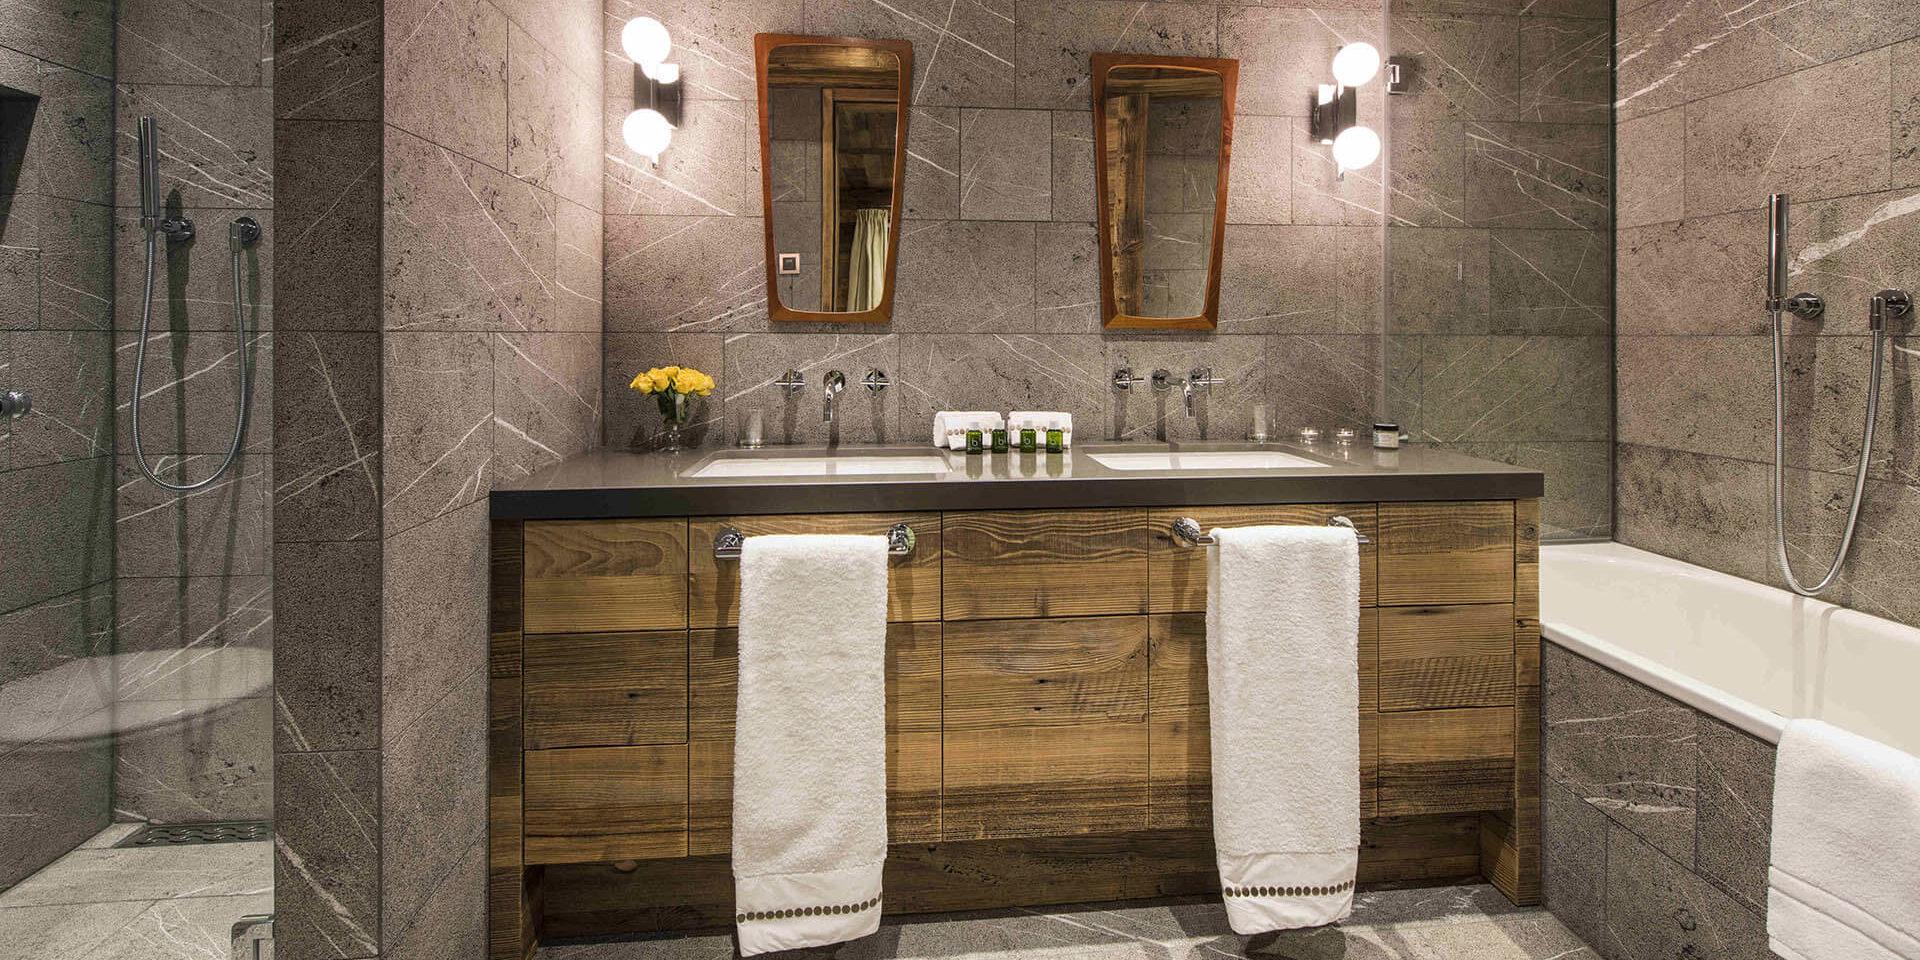 Appartement Place Blanche Verbier Les 4 Vallees Zwitserland wintersport skivakantie luxe badkamer bad douche dubbele wasbak handdoeken rozen spiegels